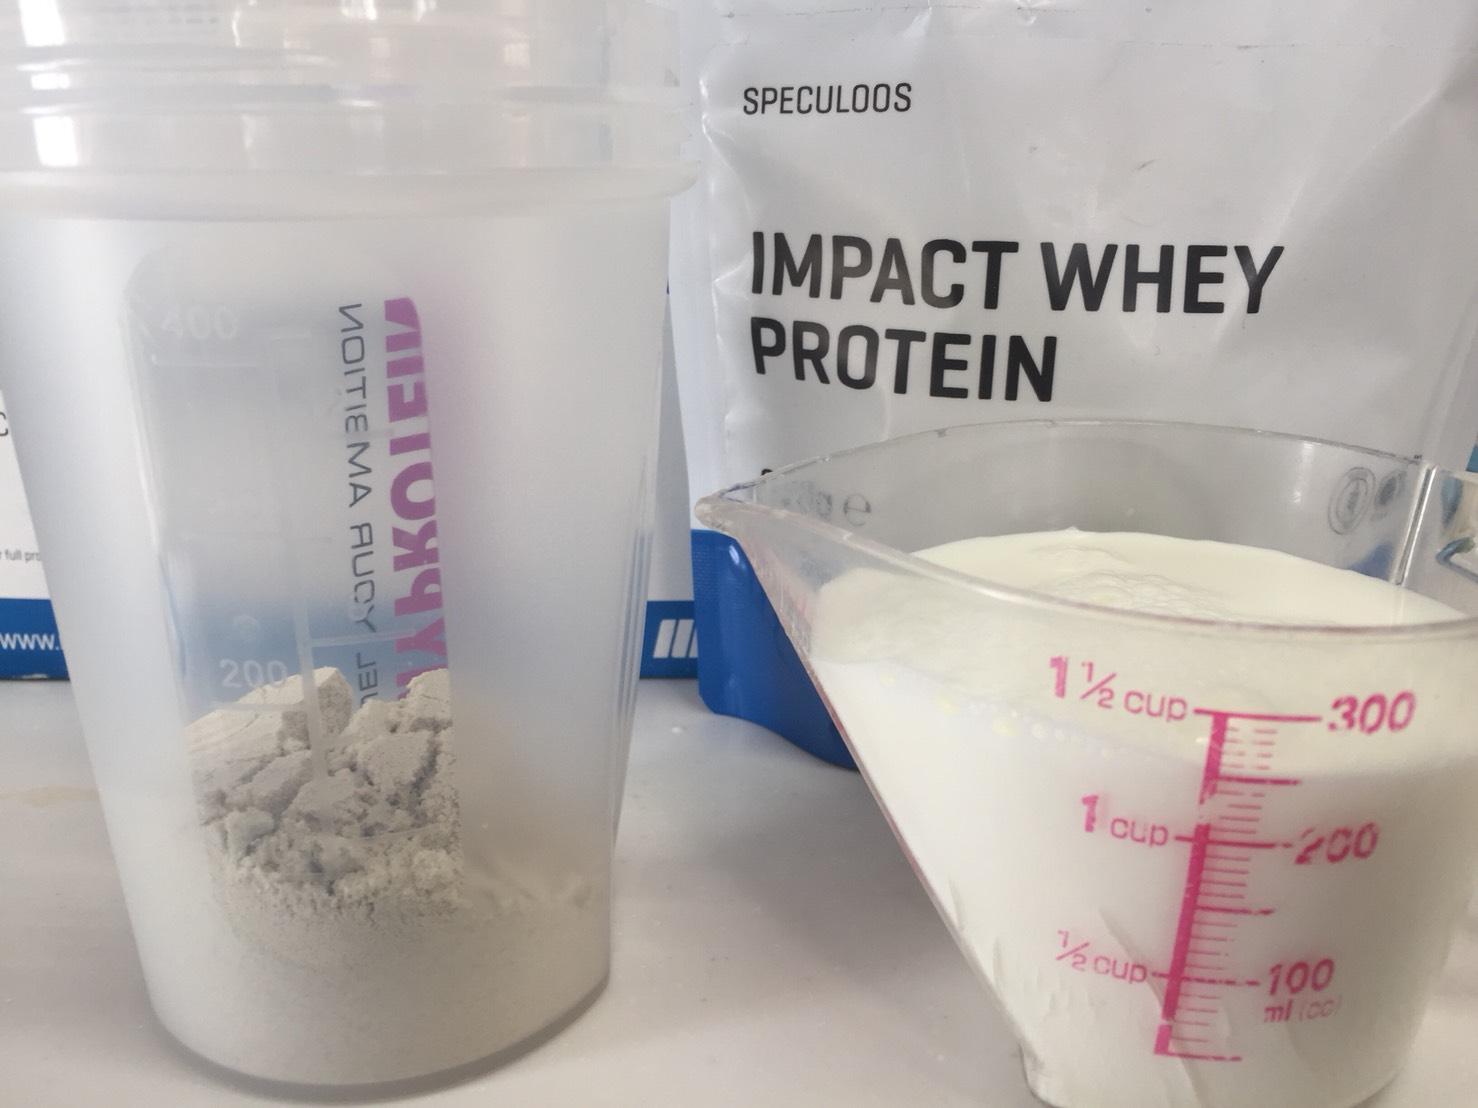 【WPC】Impactホエイプロテイン「SPECULOOS(スペキュラース味)」を250mlの牛乳に溶かします。